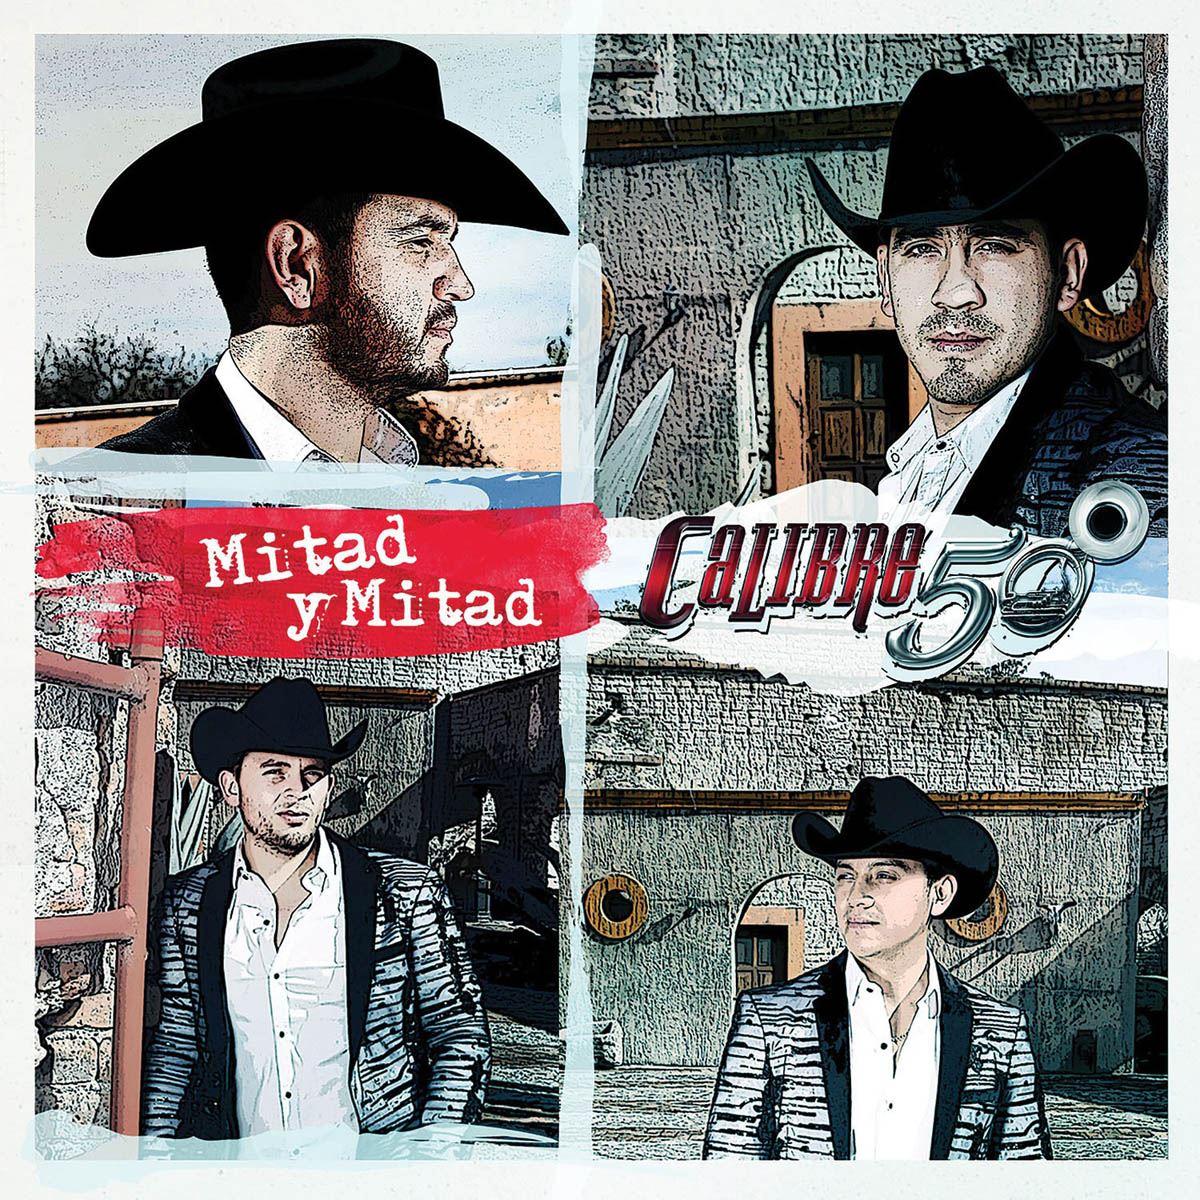 CD Calibre 50- Mitad y Mitad